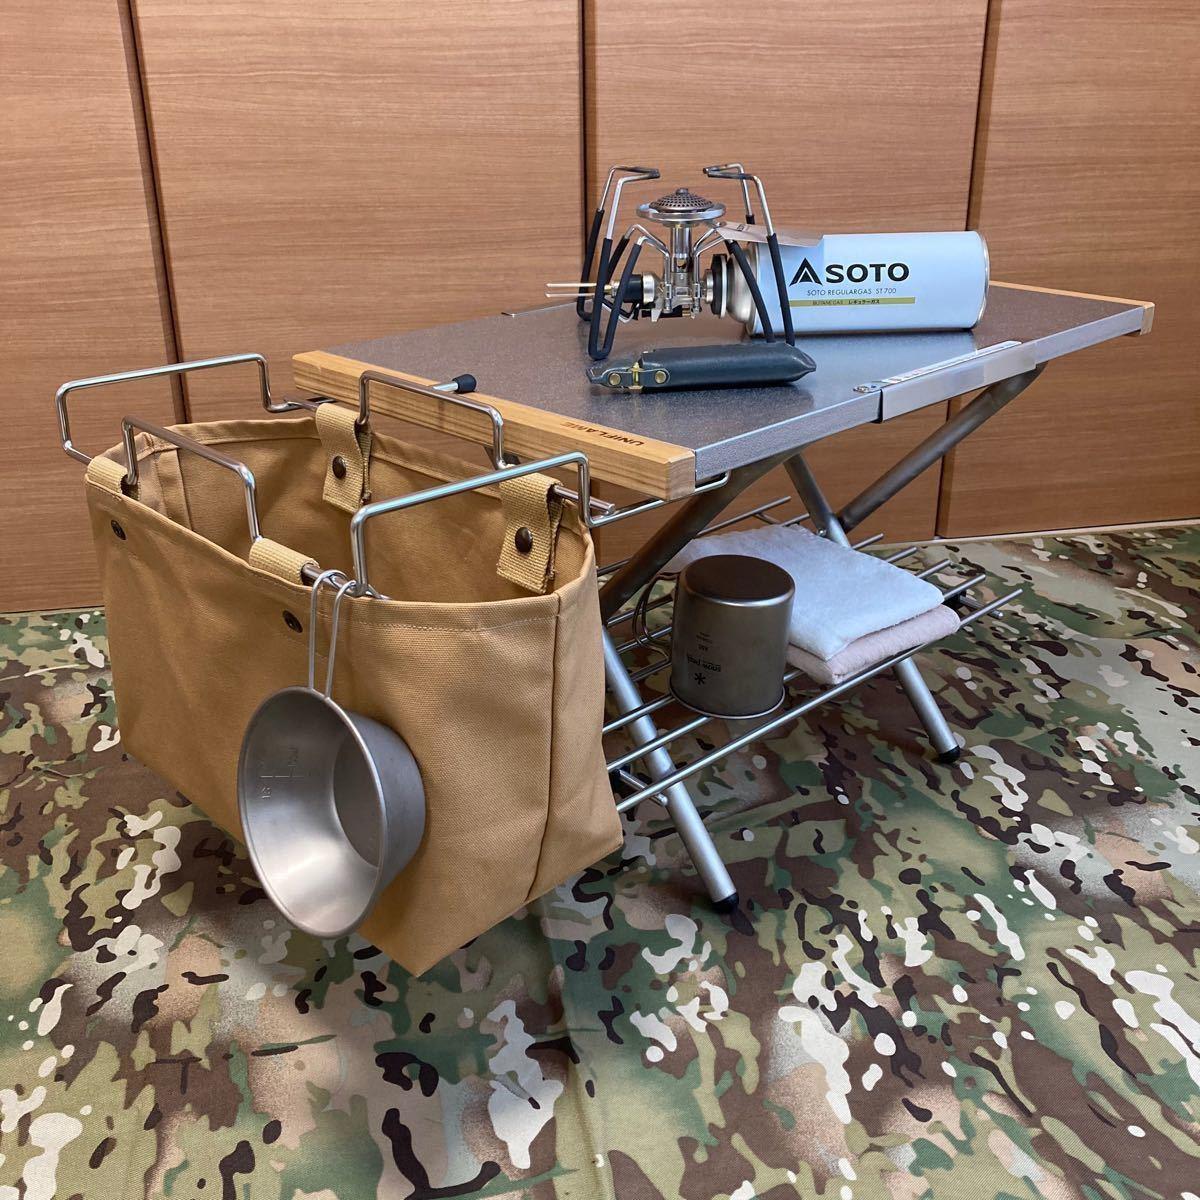 キャメルベージュ ユニフレーム 焚き火テーブル用 ガビングフレーム帆布カバー スノーピーク マルチファンクションテーブル用